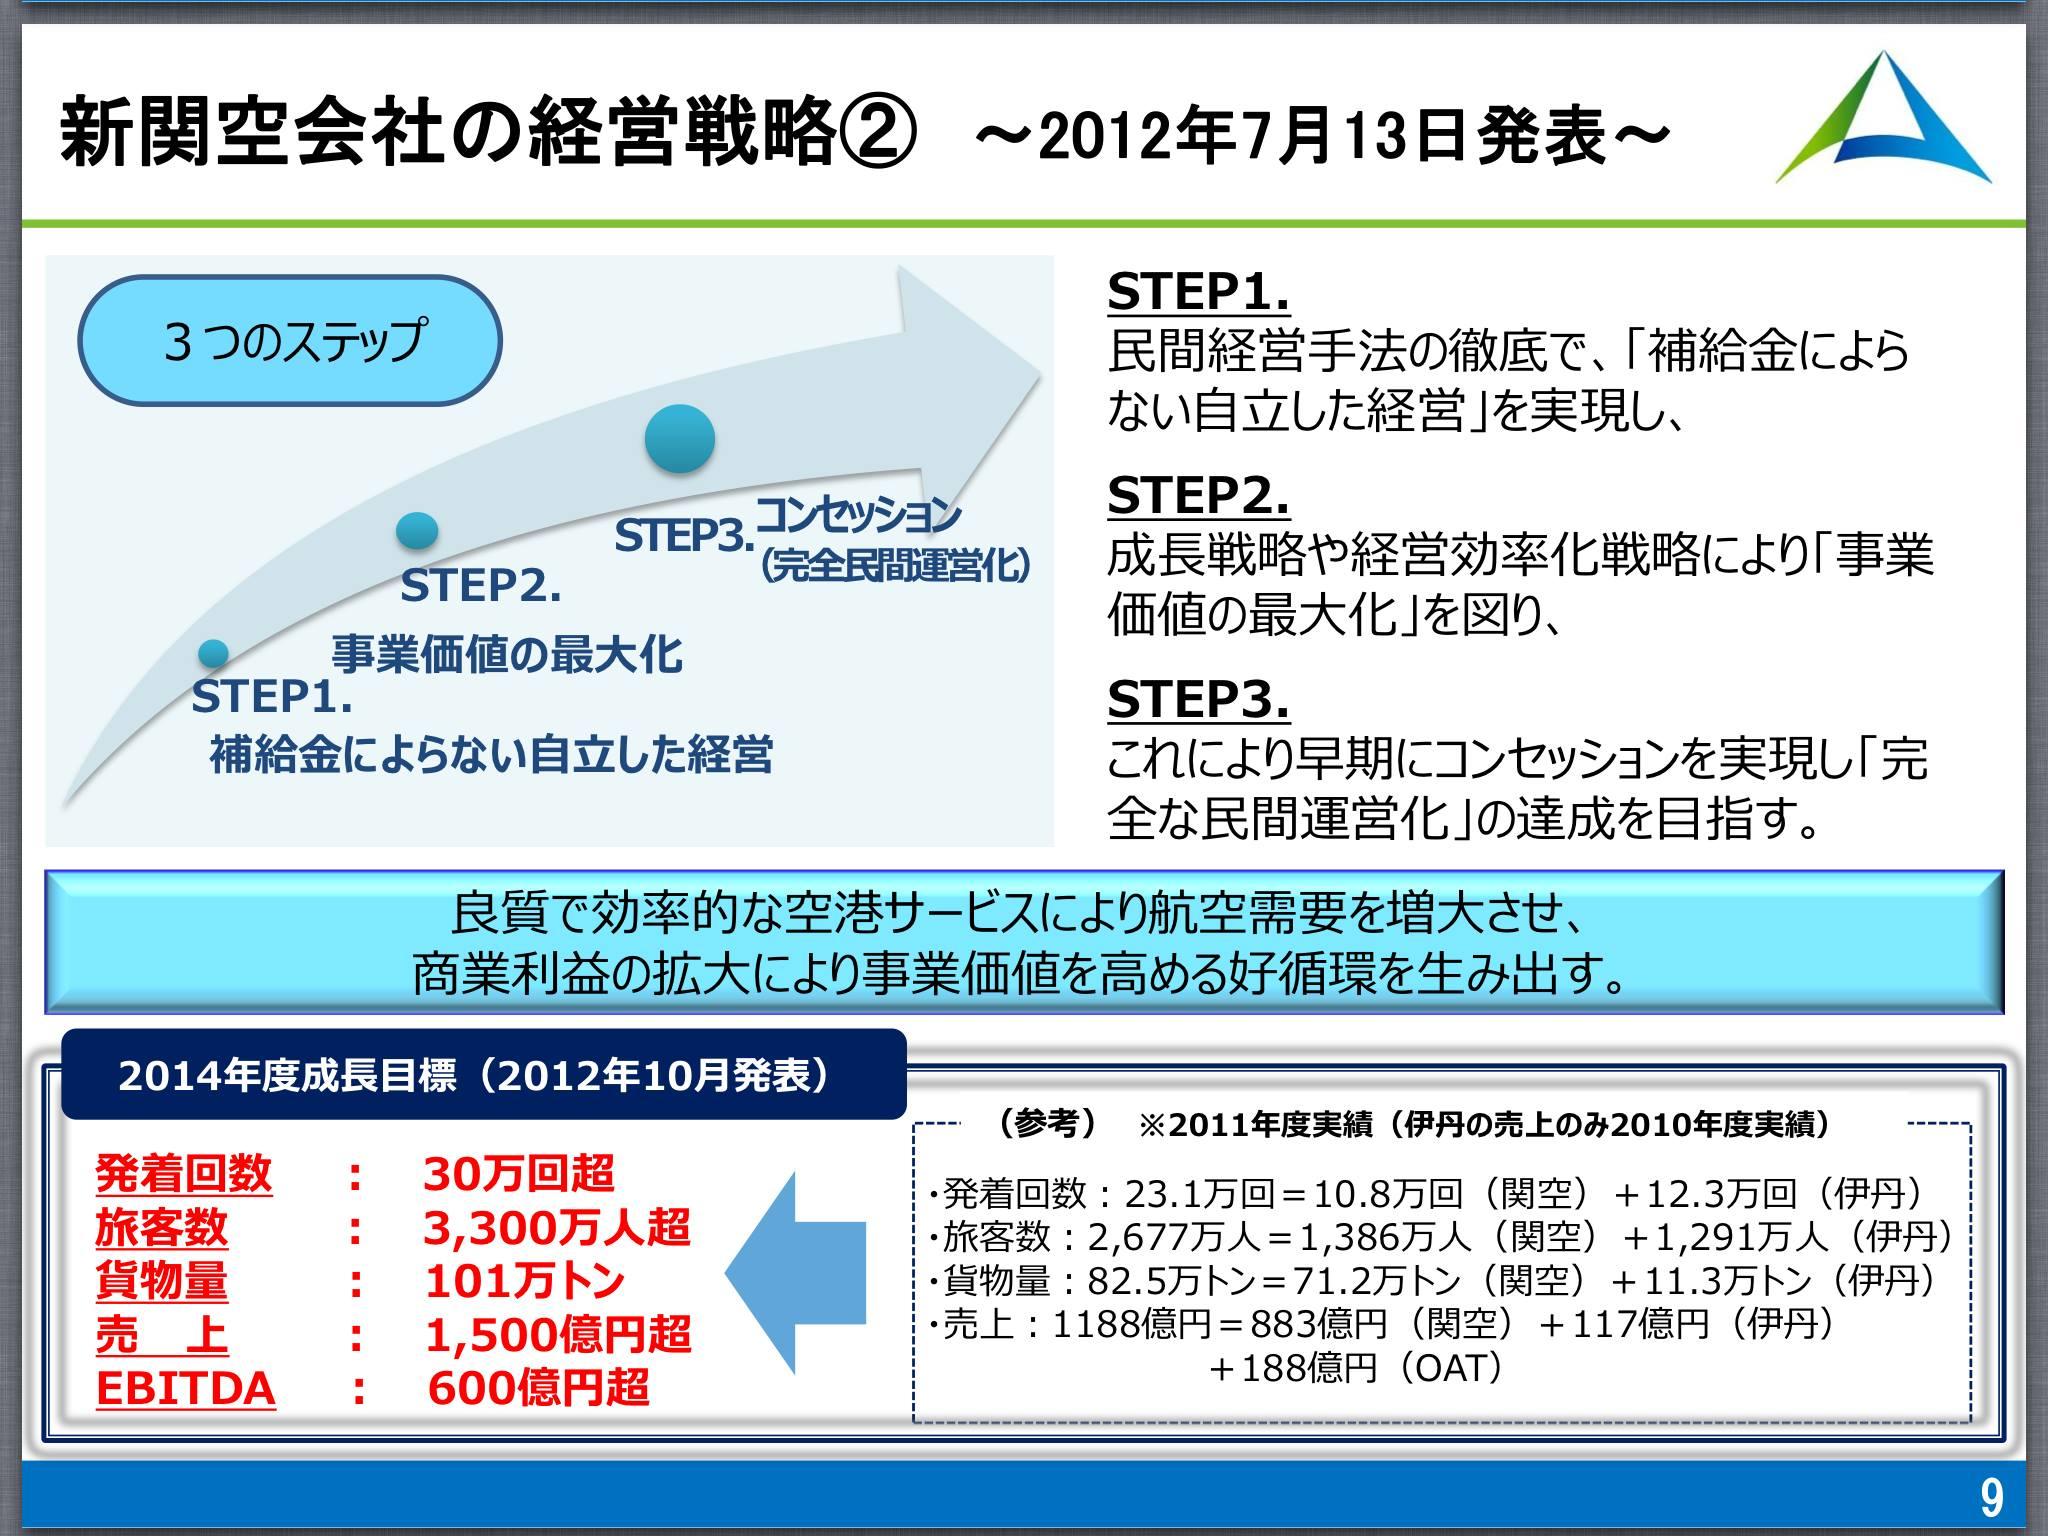 新関空会社経営戦略_森かずとみ2